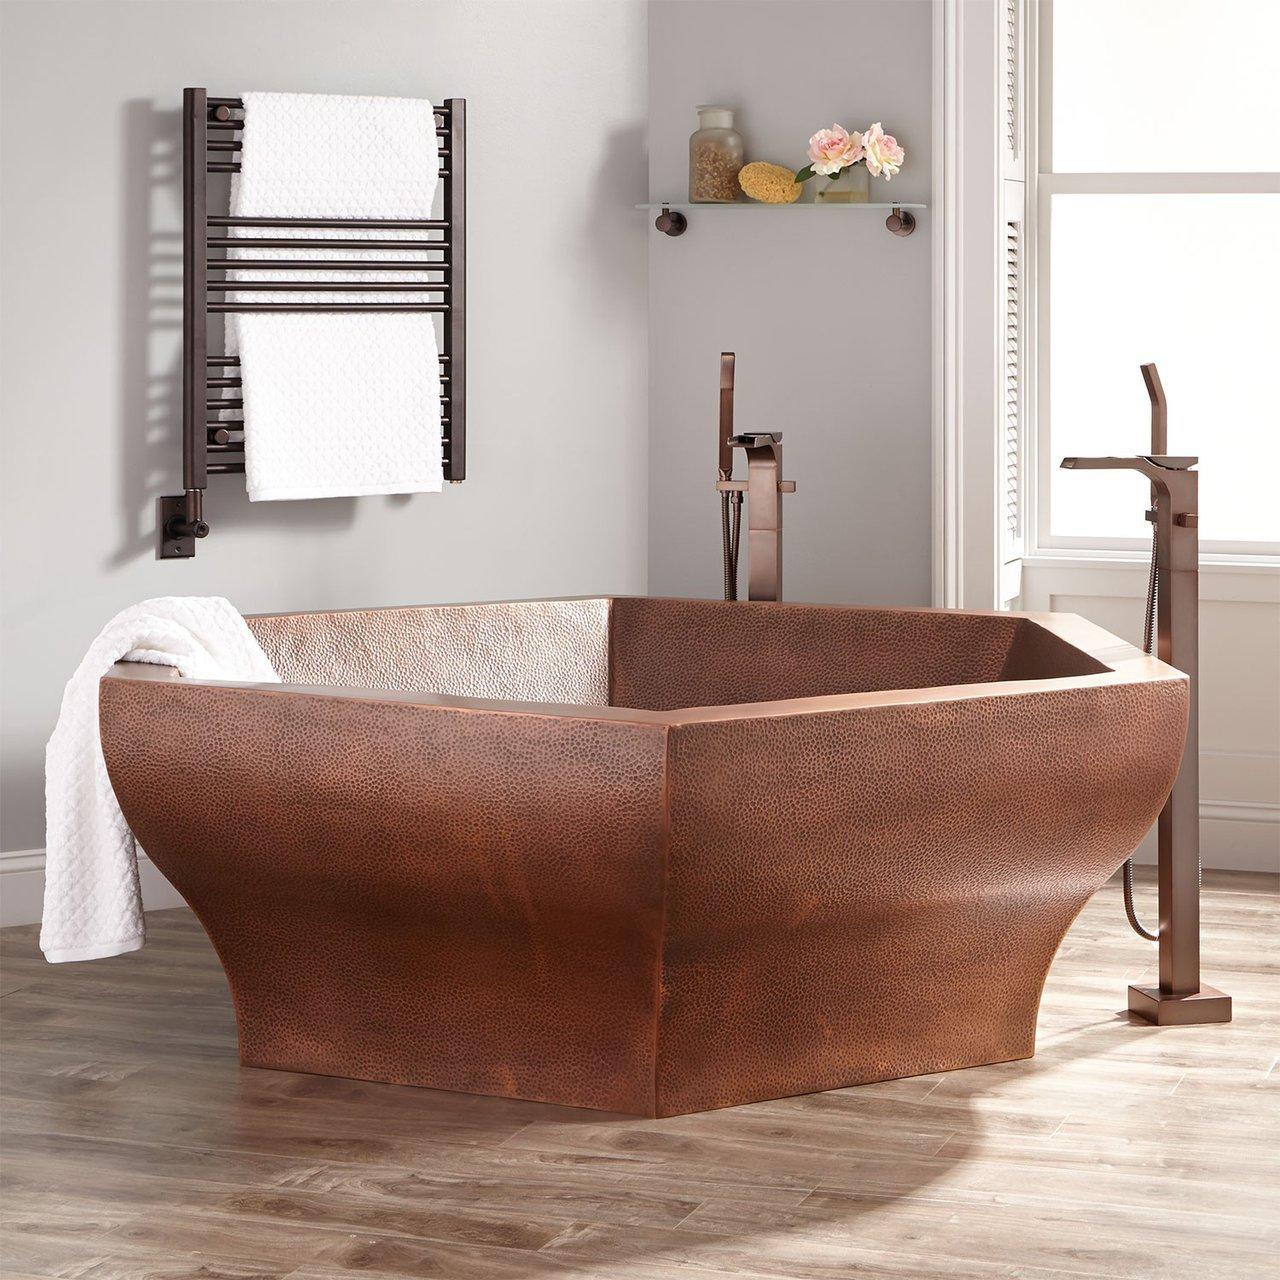 Riley Hexagon Hammered Copper Bathtub